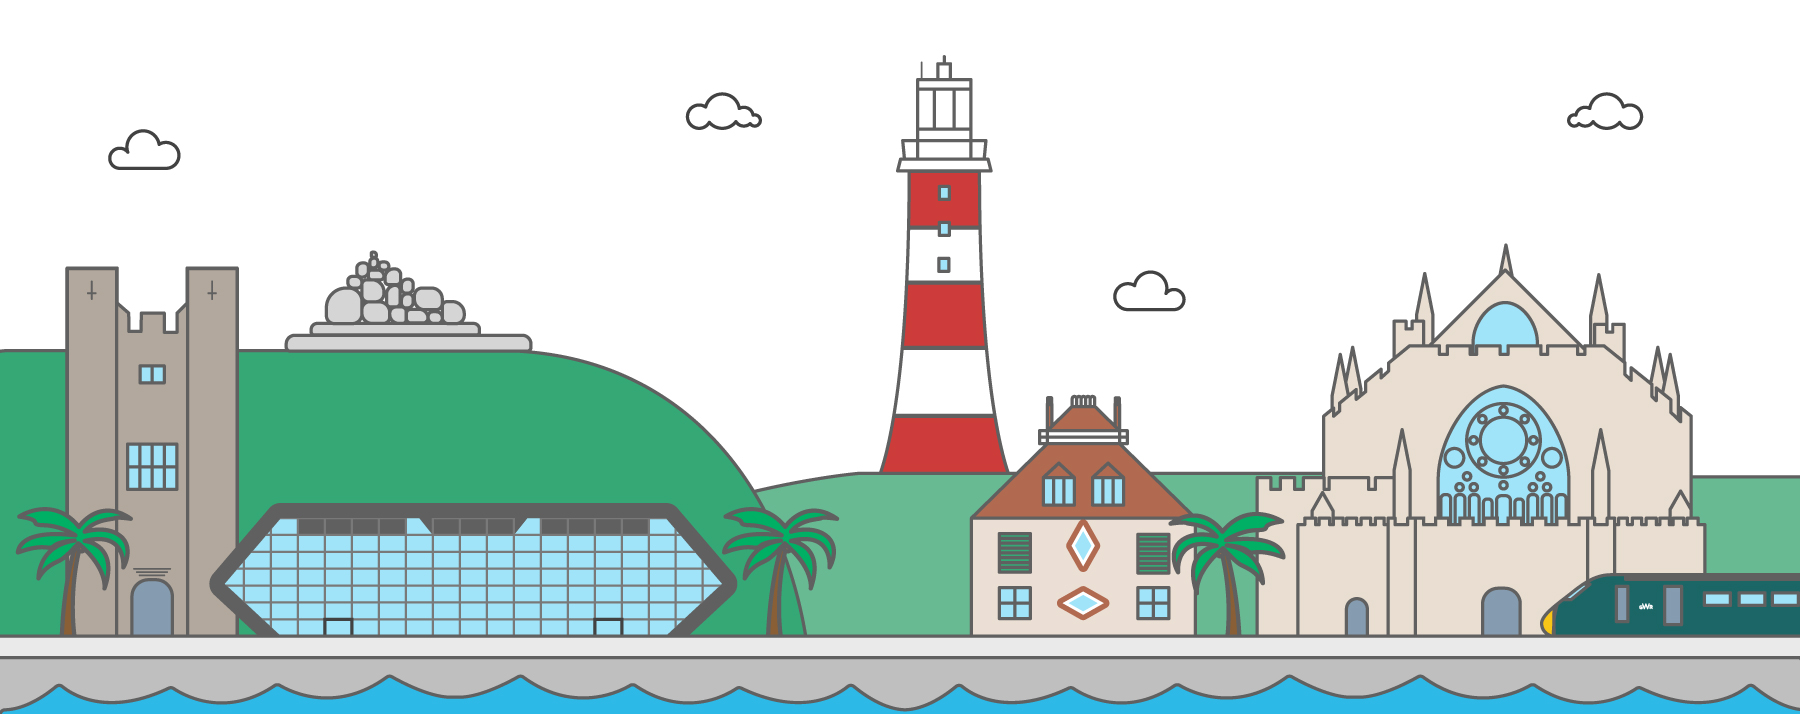 8 landmarks from Devon